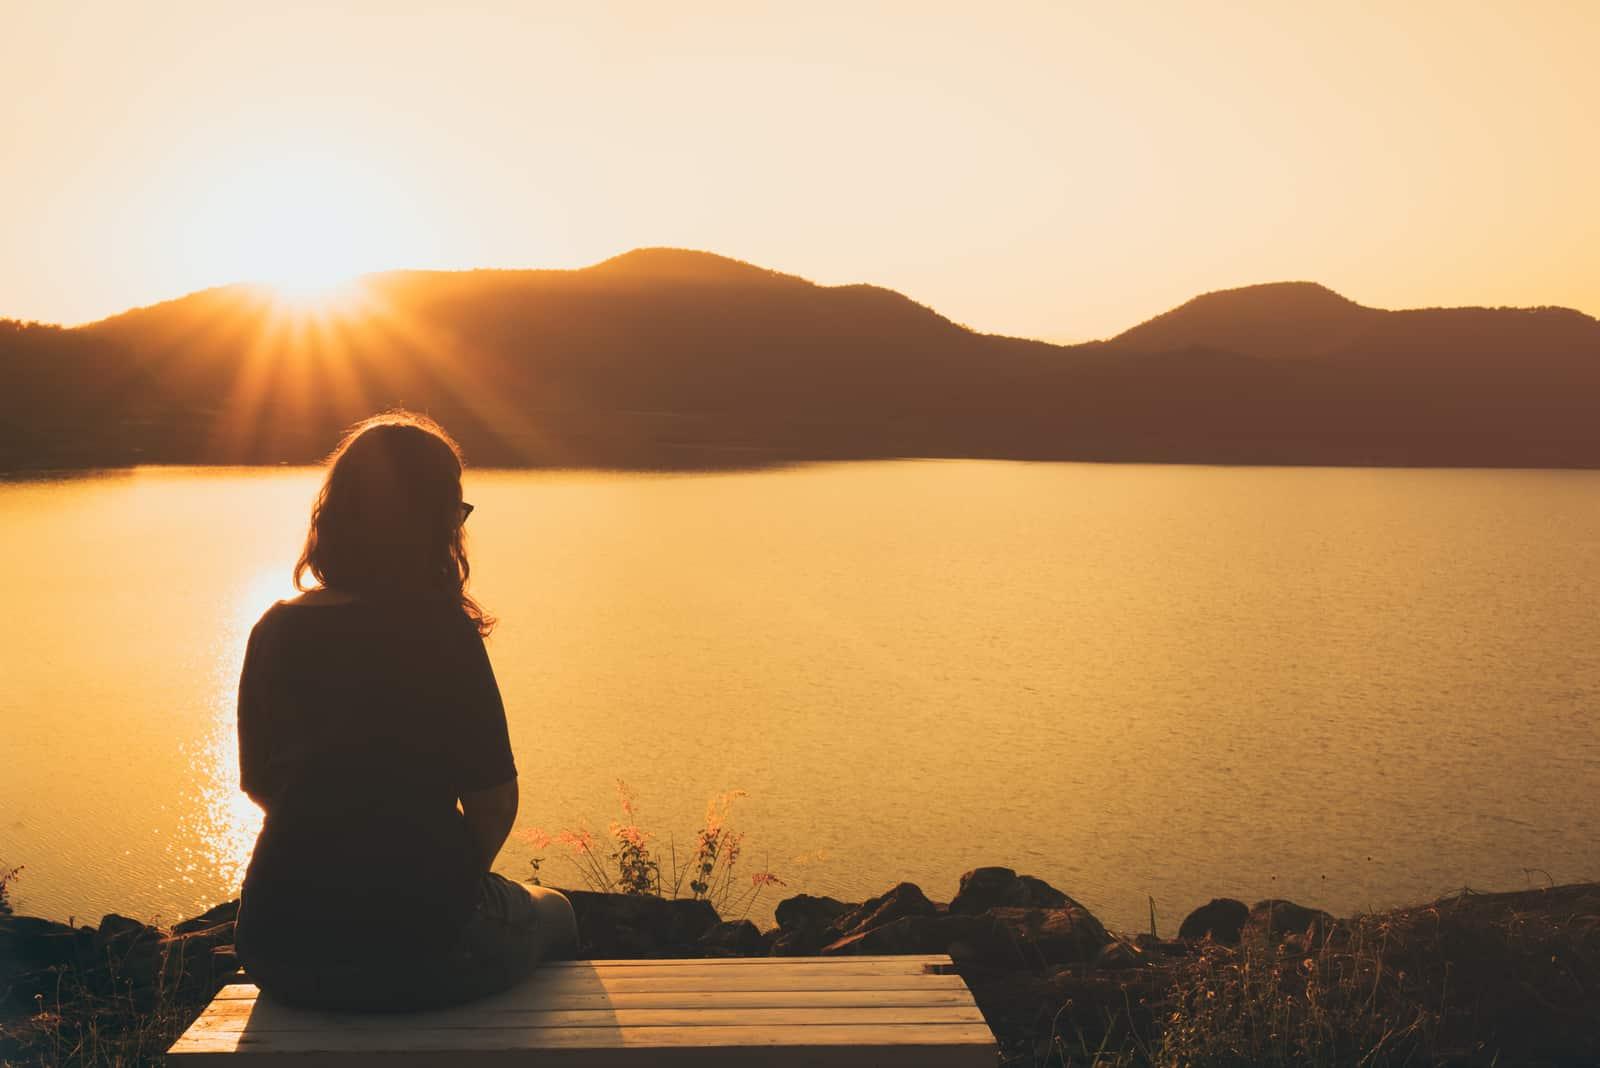 la femme est assise sur un banc et regarde le lac